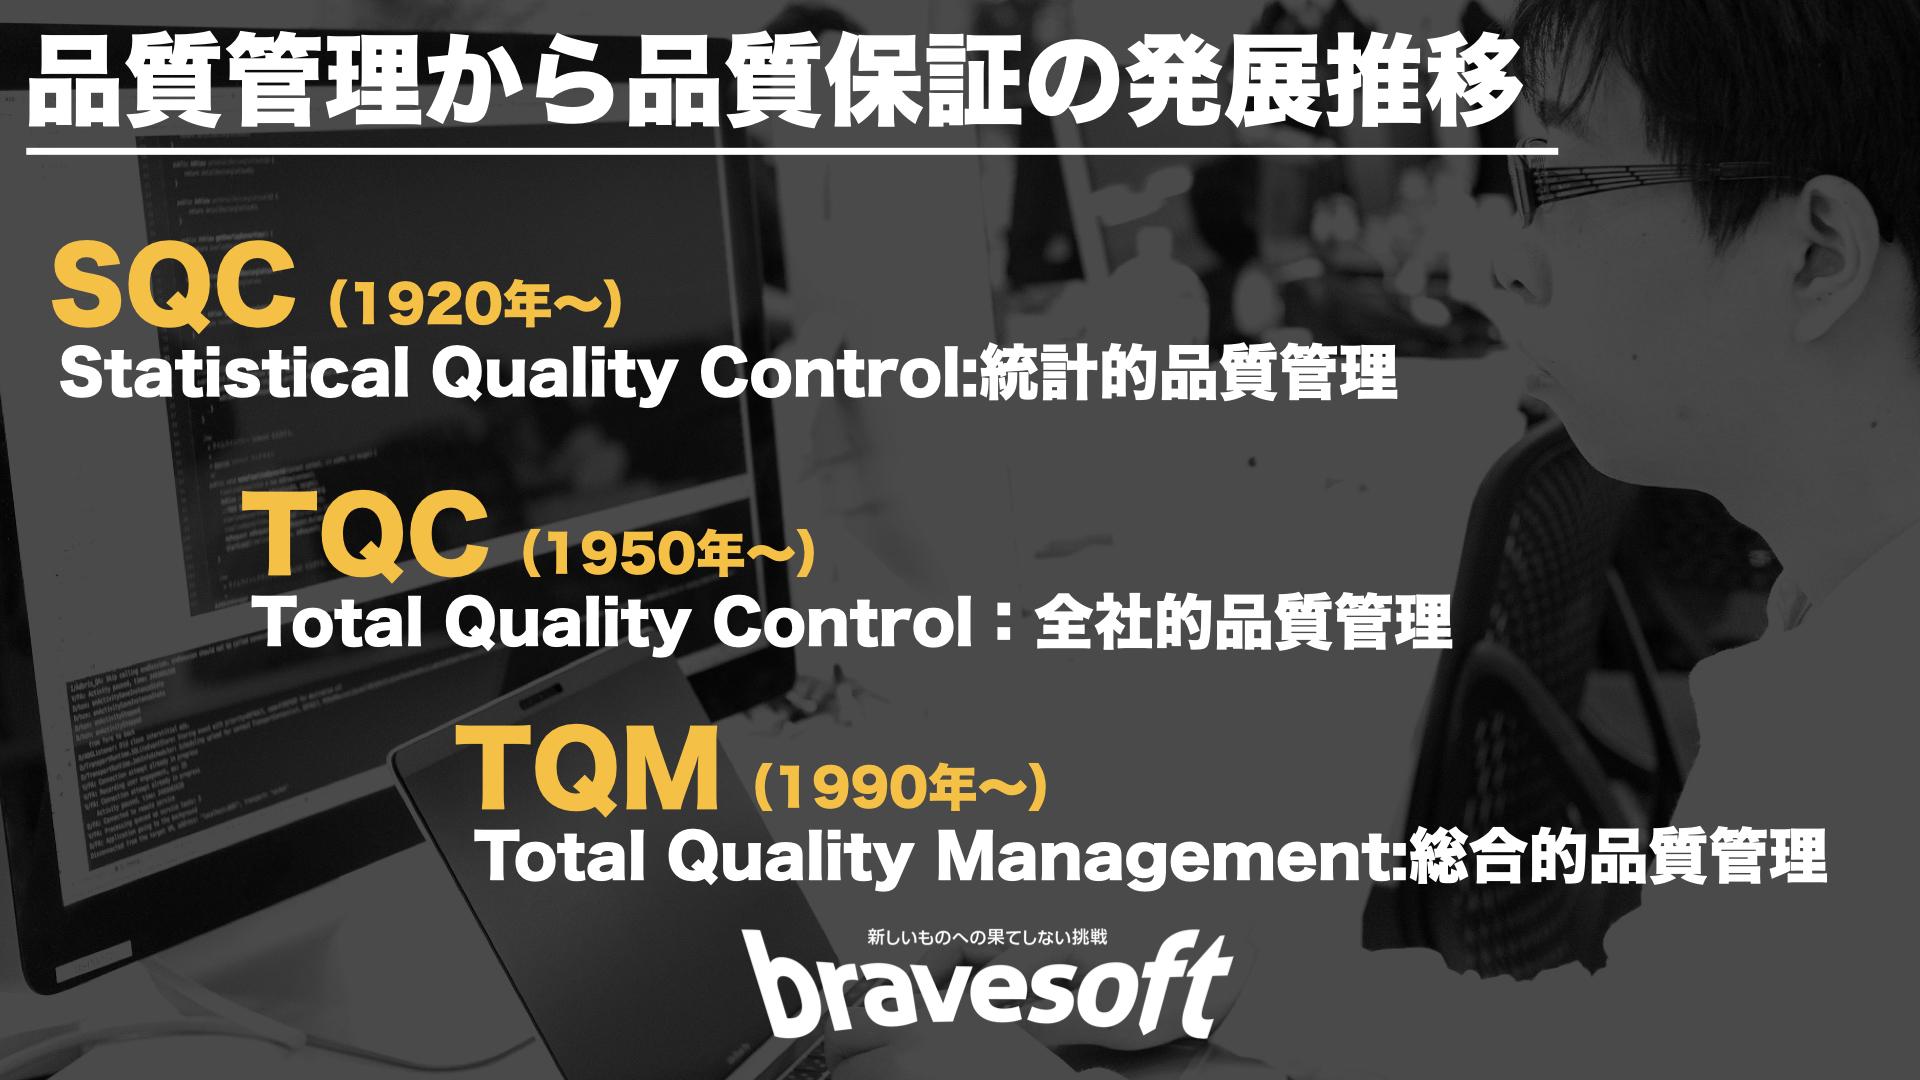 品質管理から品質保証の発展推移|bravesoft